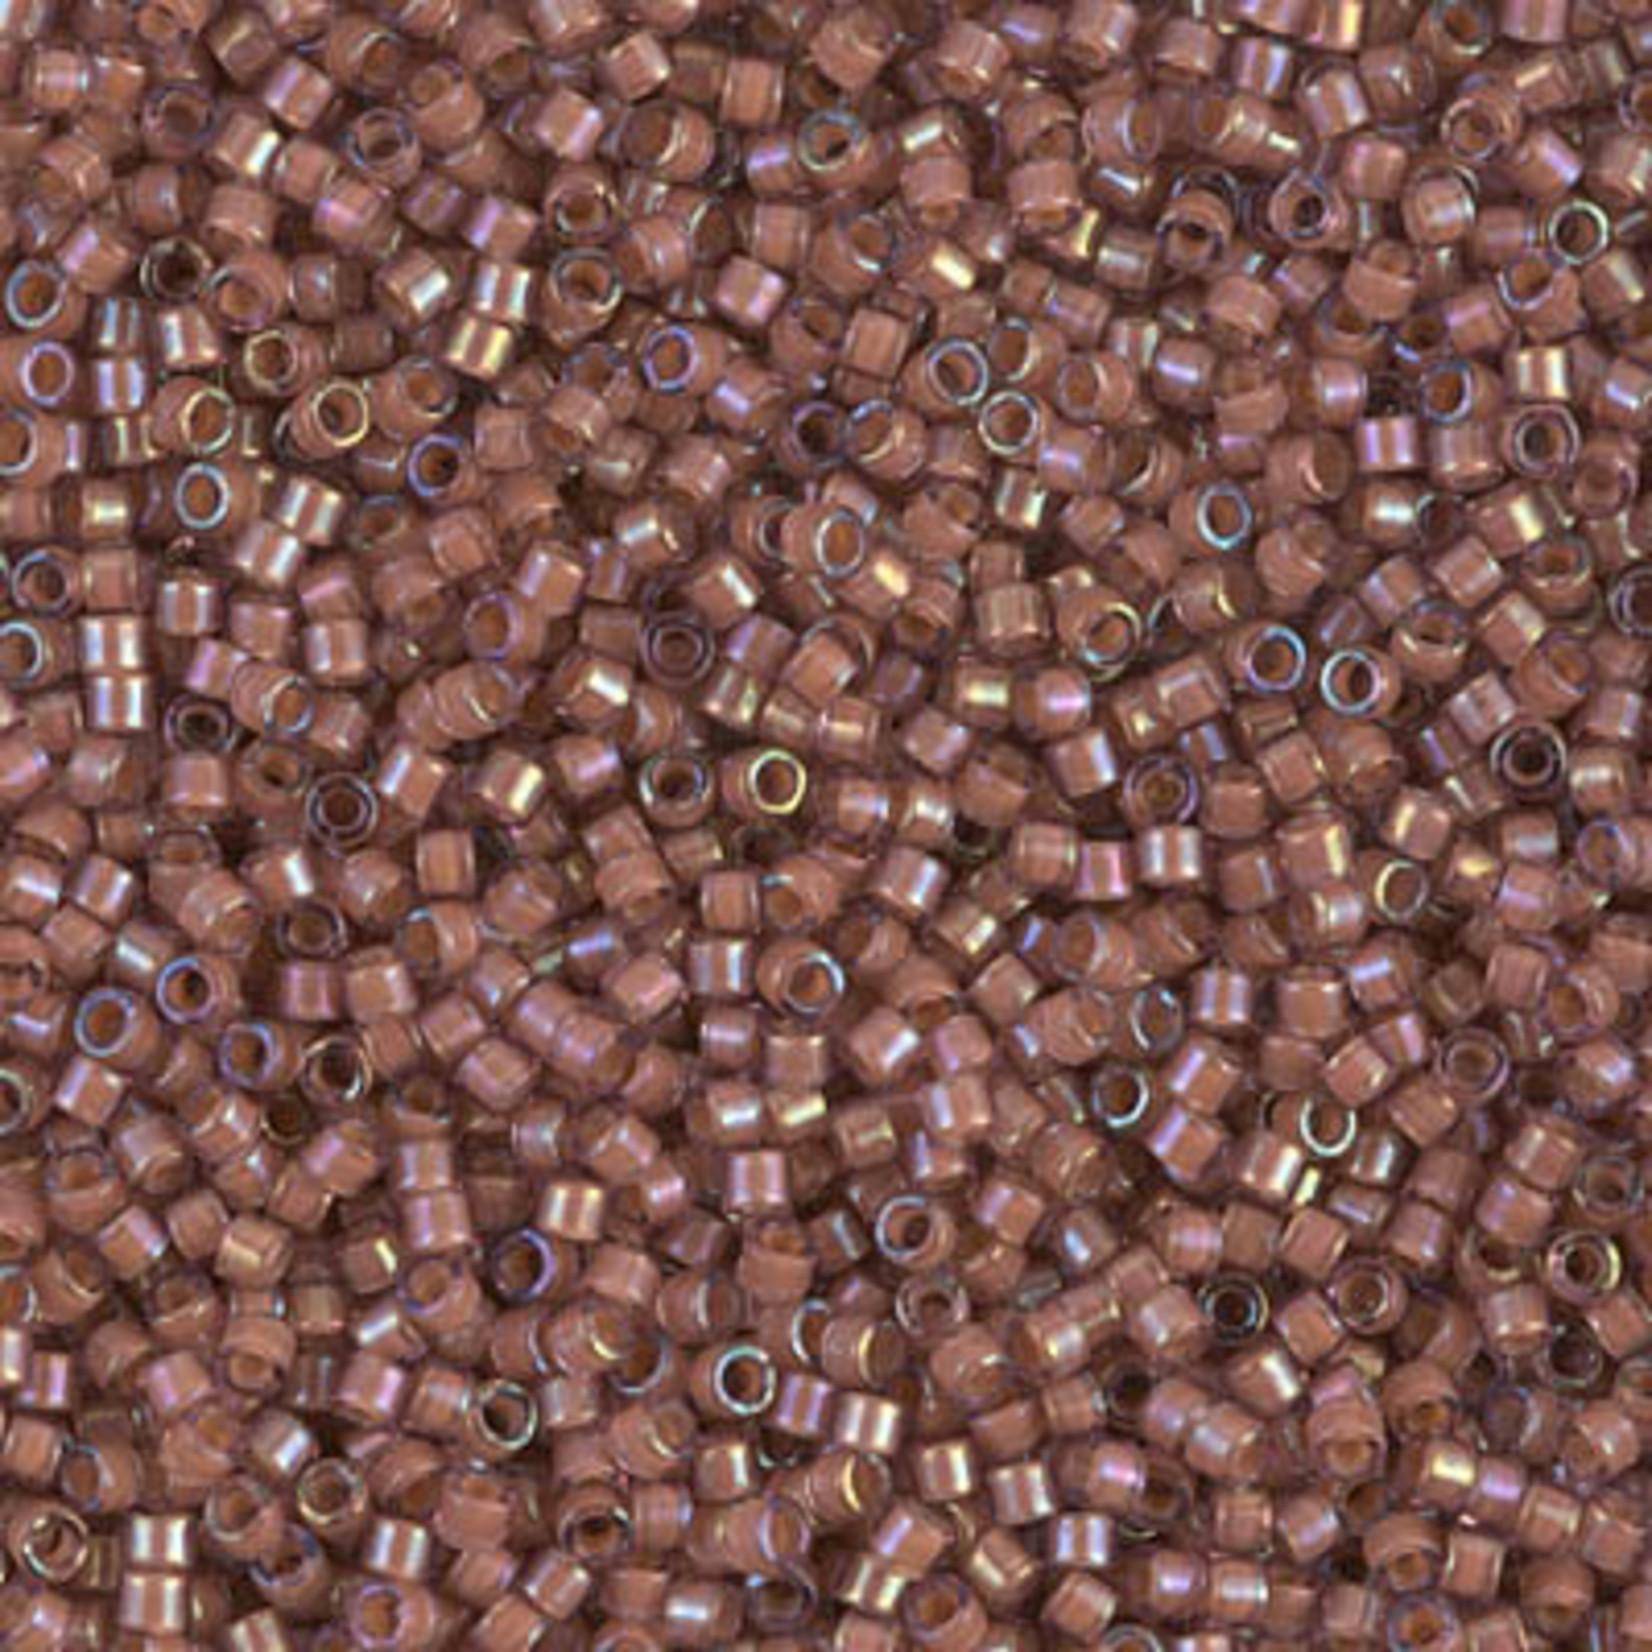 Miyuki 7.2 GM DB1737 11/0 Delica: Amethyst/Sugar Plum ICL/R (APX 1400 PCS)